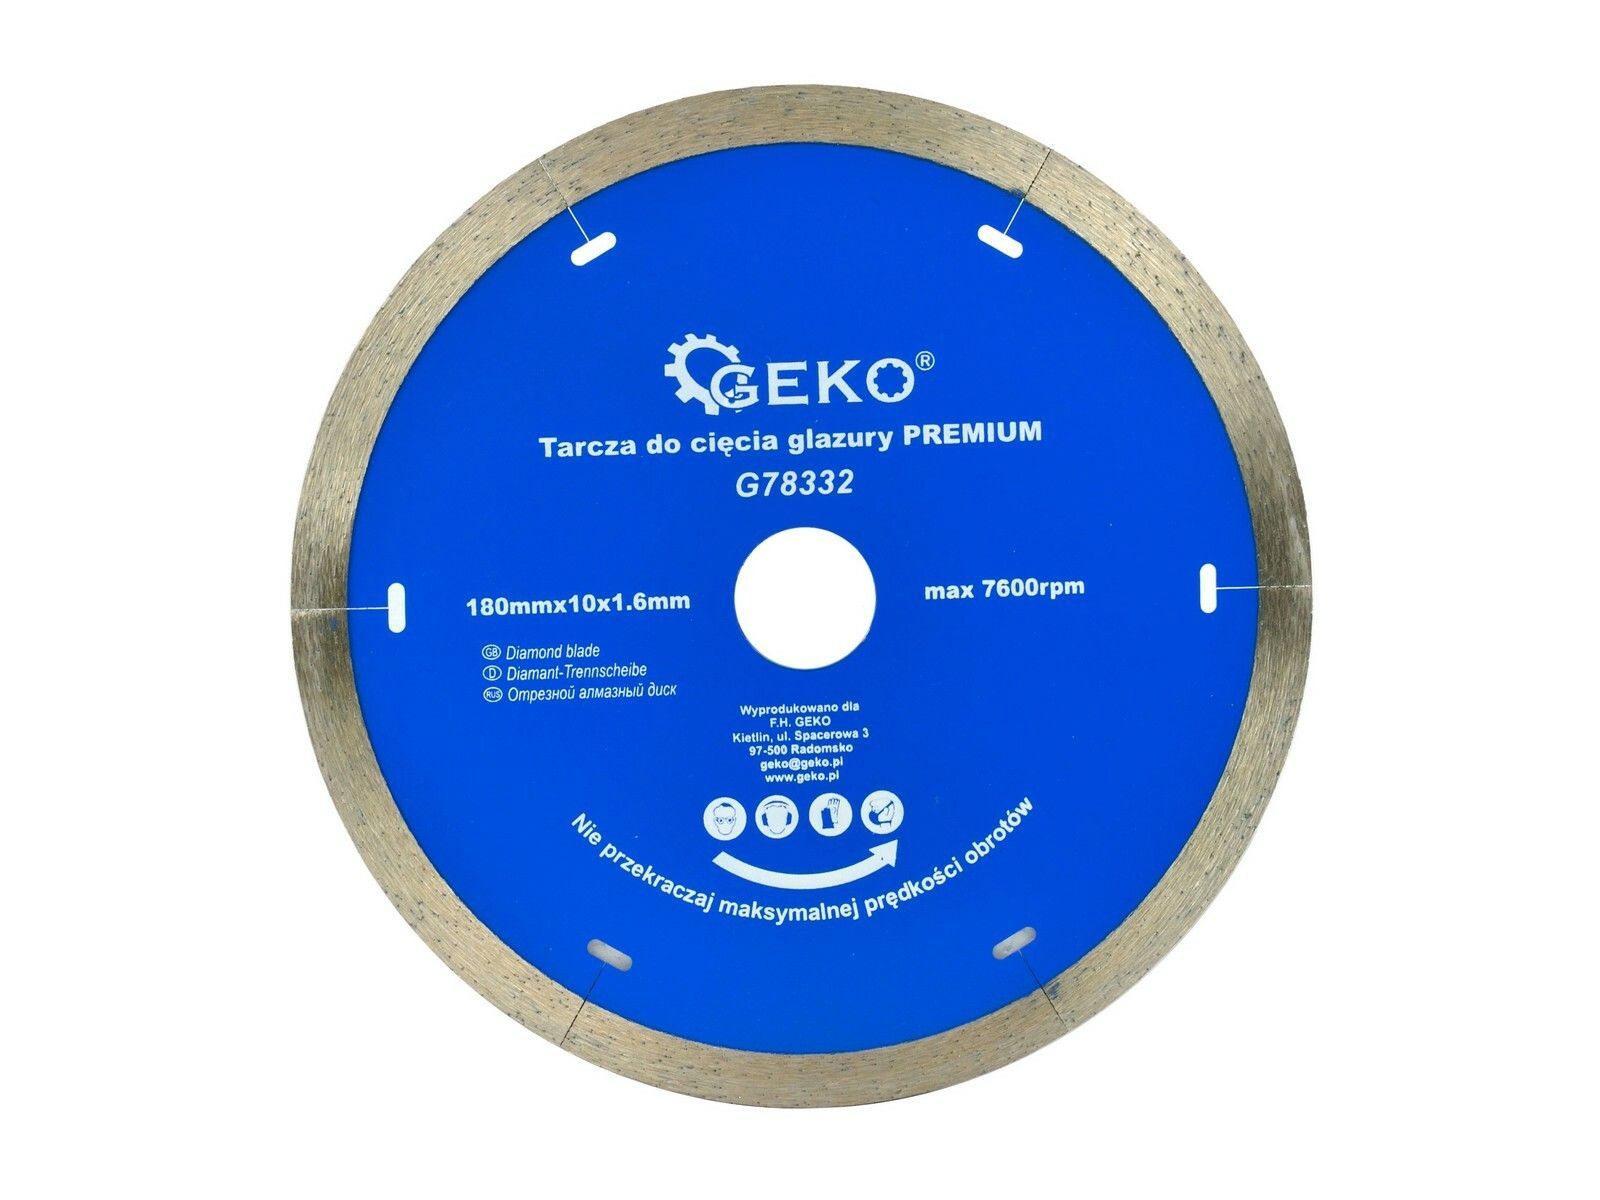 GEKO G78332 Diamantový řezný kotouč na keramické dlaždice 180mm x 10 x 1,6mm